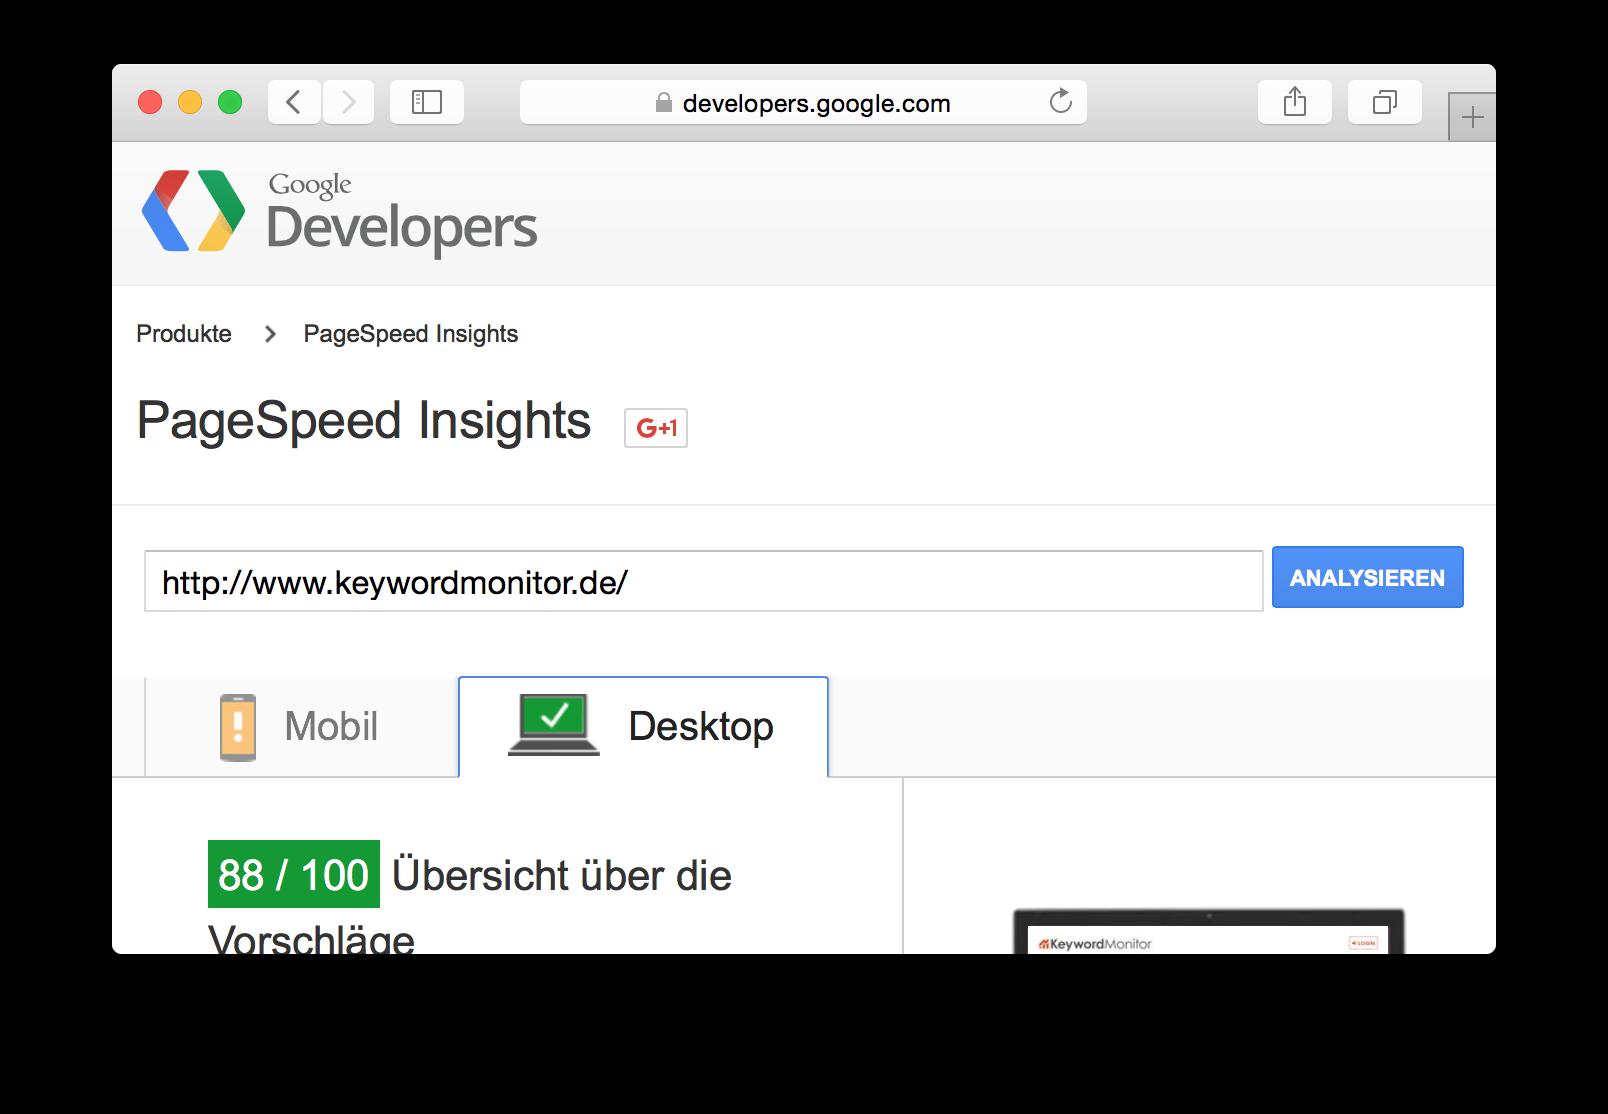 PageSpeed Insights von keywordmonitor.de